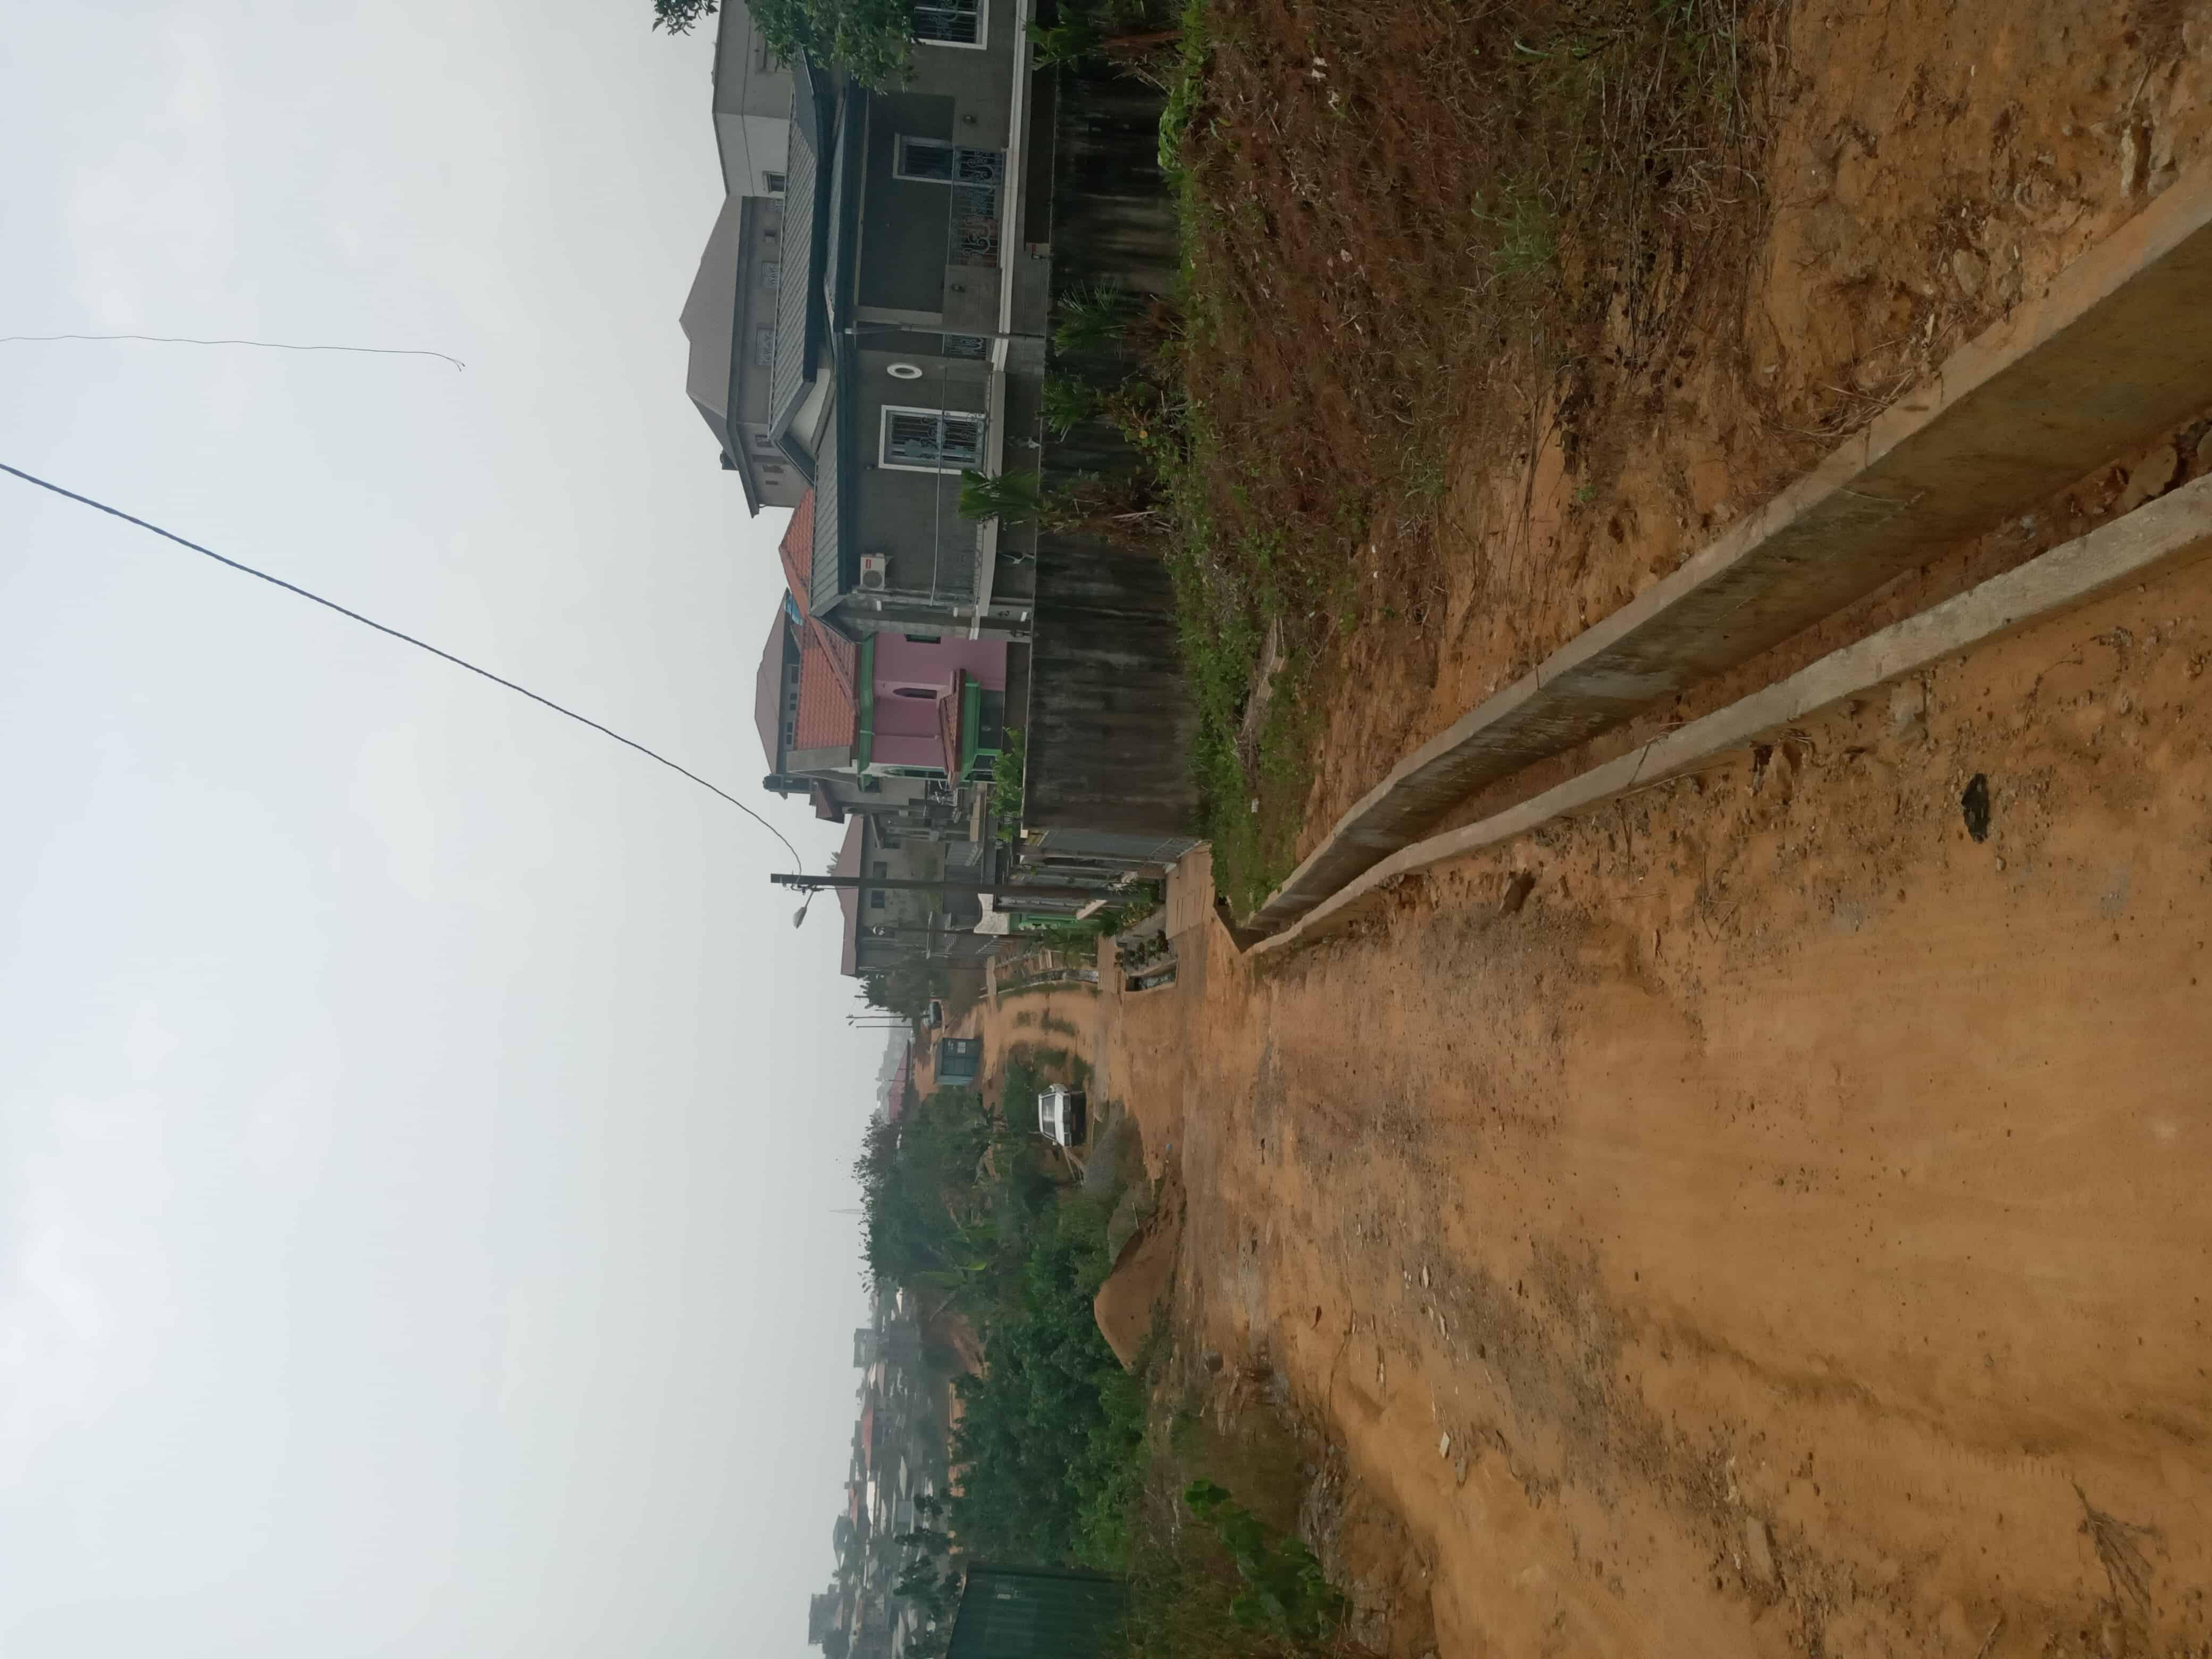 Land for sale at Douala, Yassa, Cité Chirac - 400 m2 - 20 000 000 FCFA